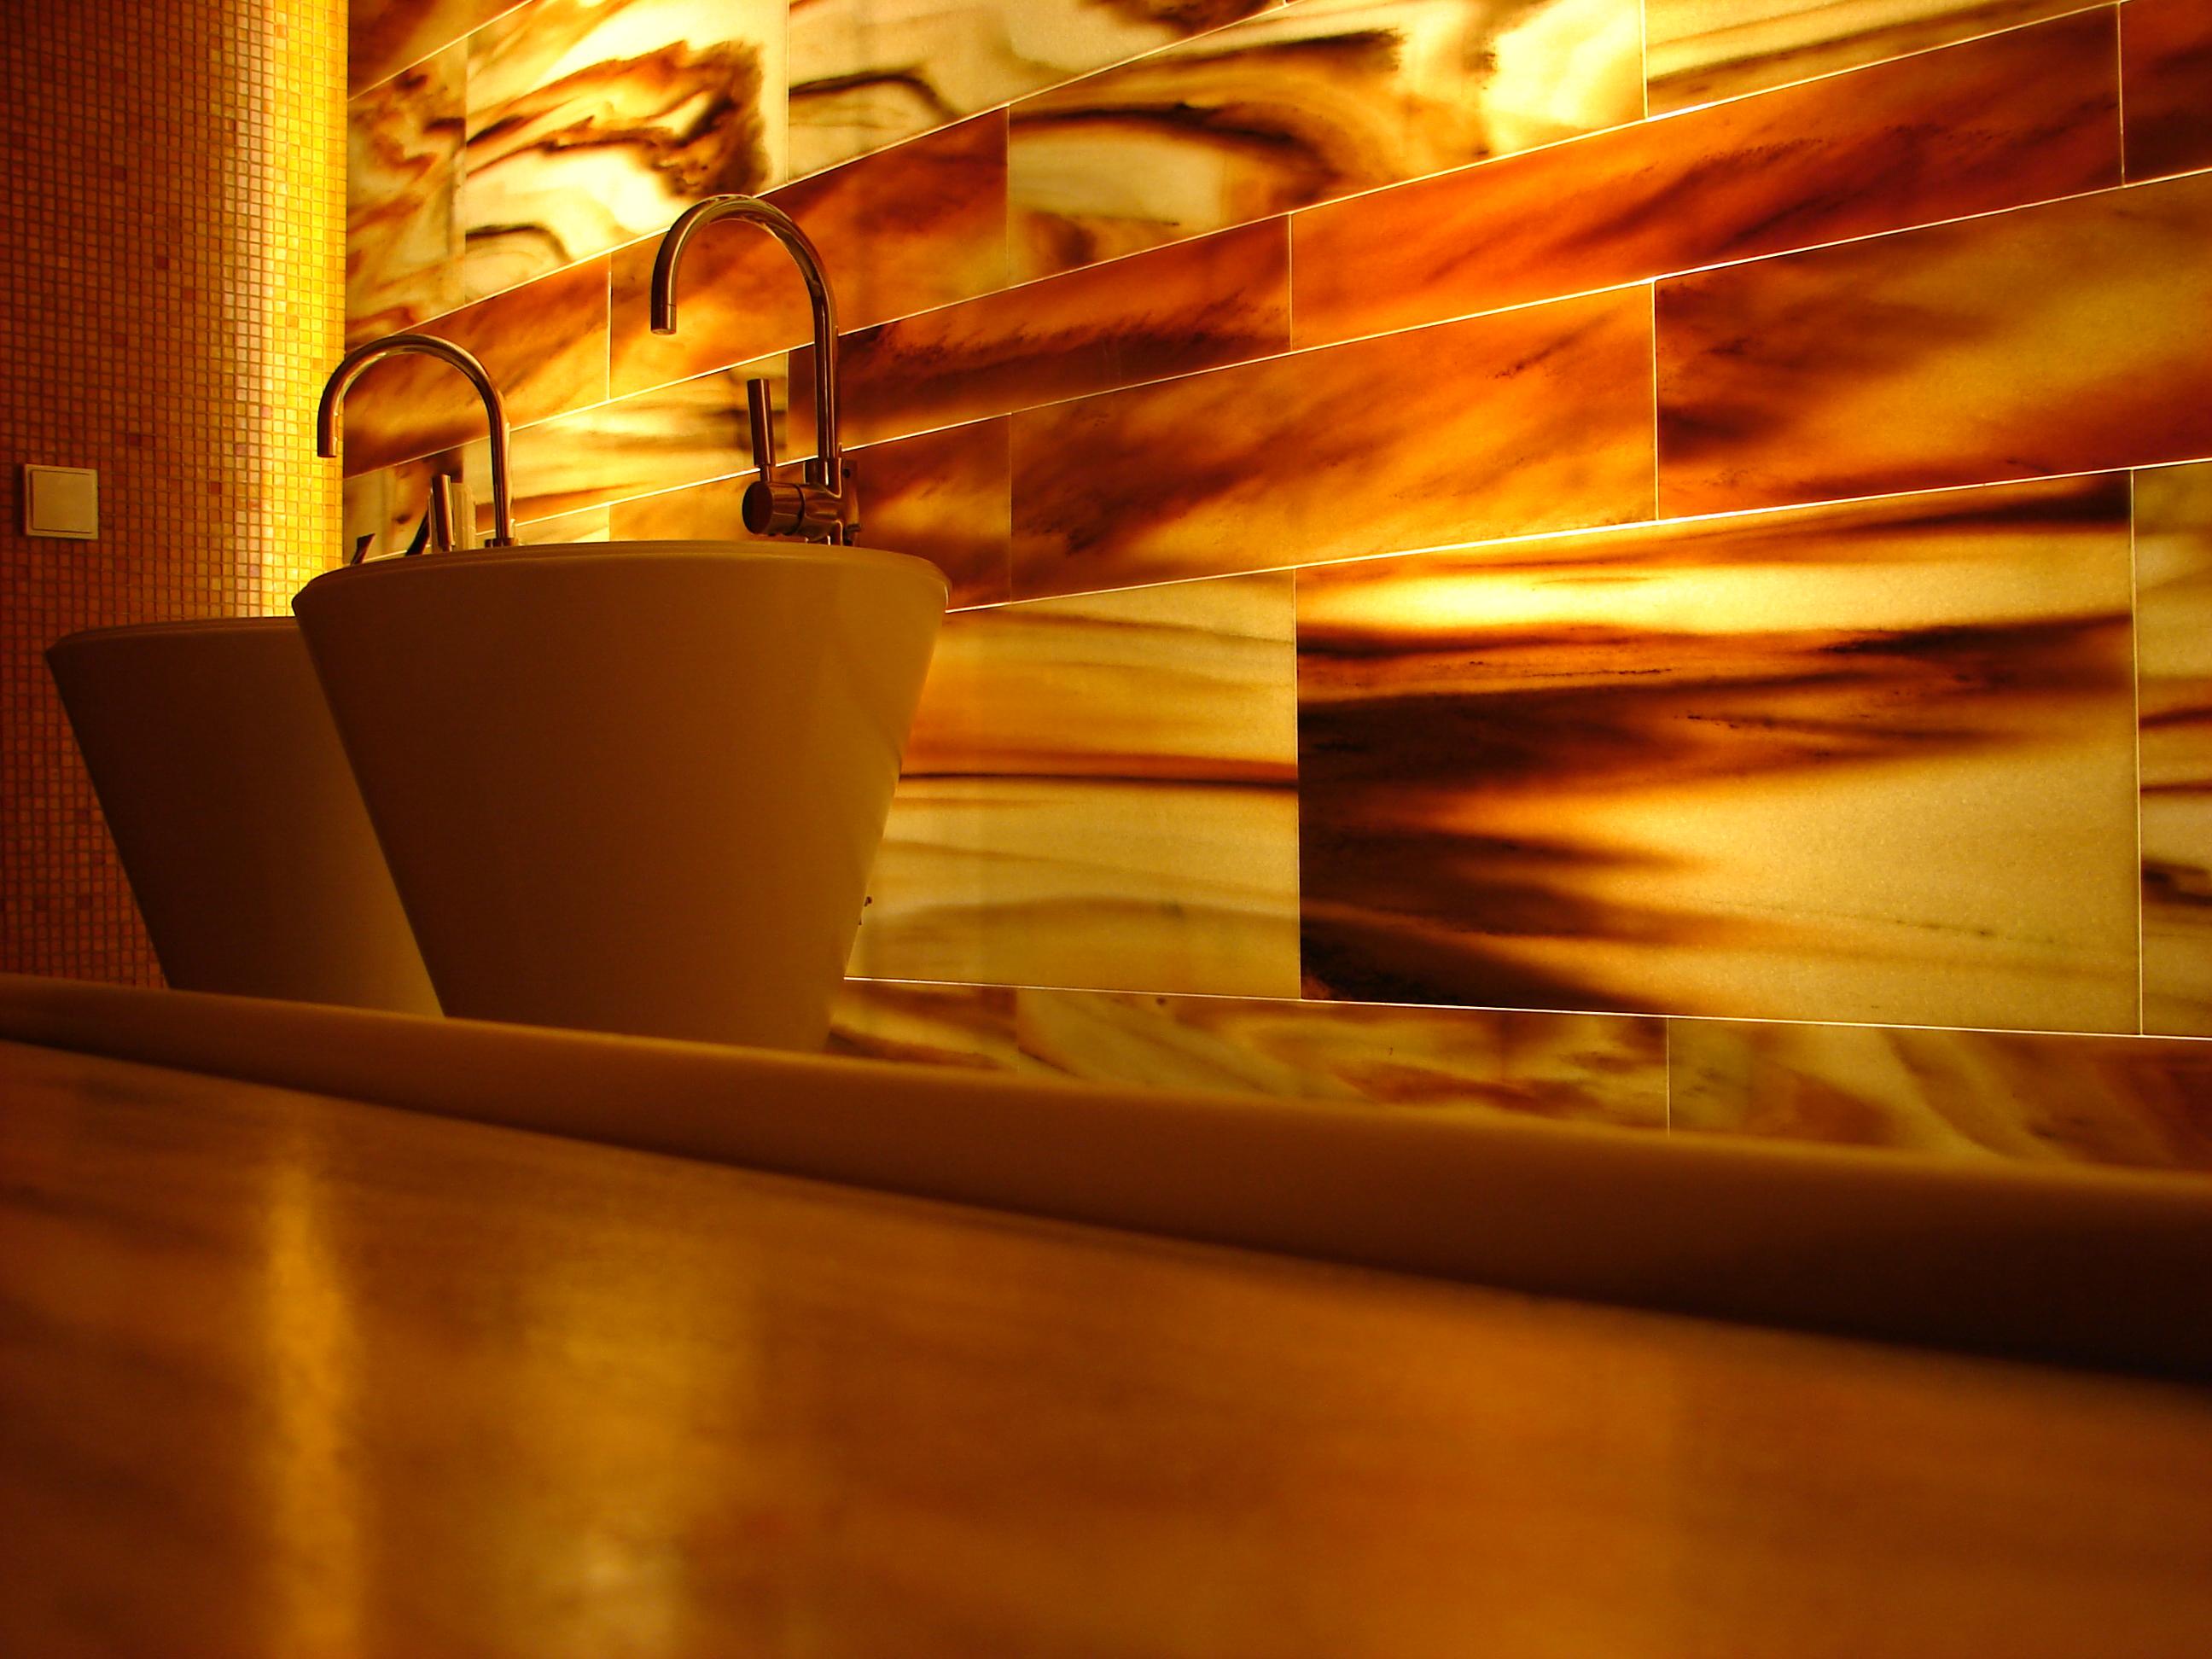 Wellnessraum zuhause  Farbtrends im Spa